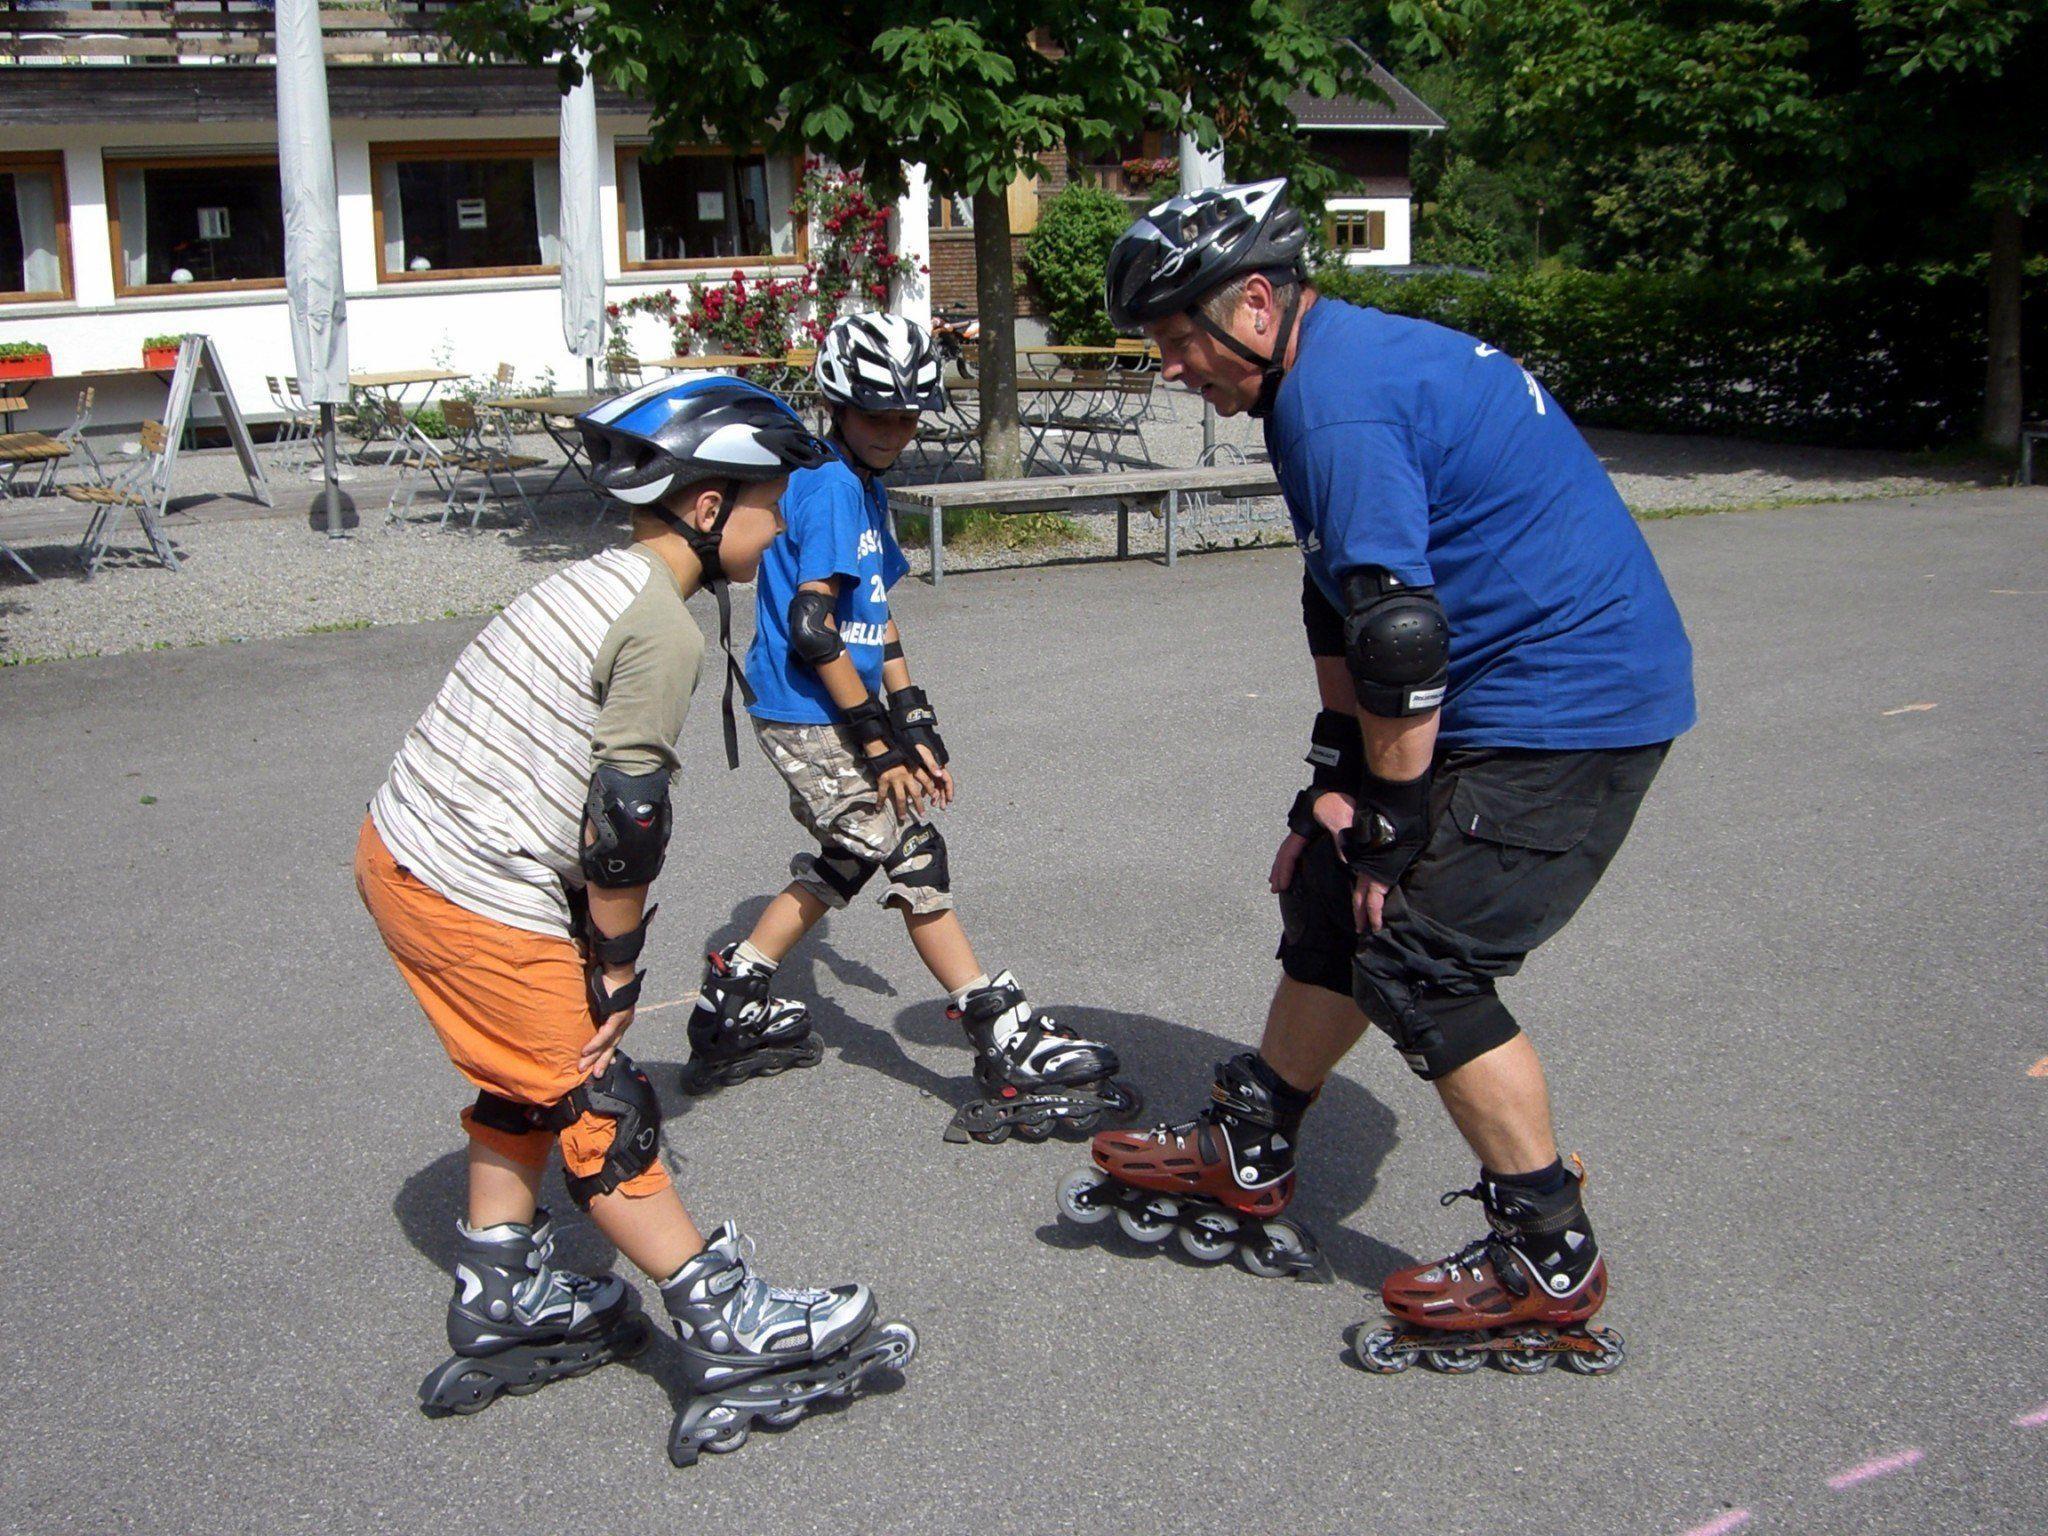 Die Teilnahme an einem Skatekurs steigert die Sicherheit ganz entscheidend.